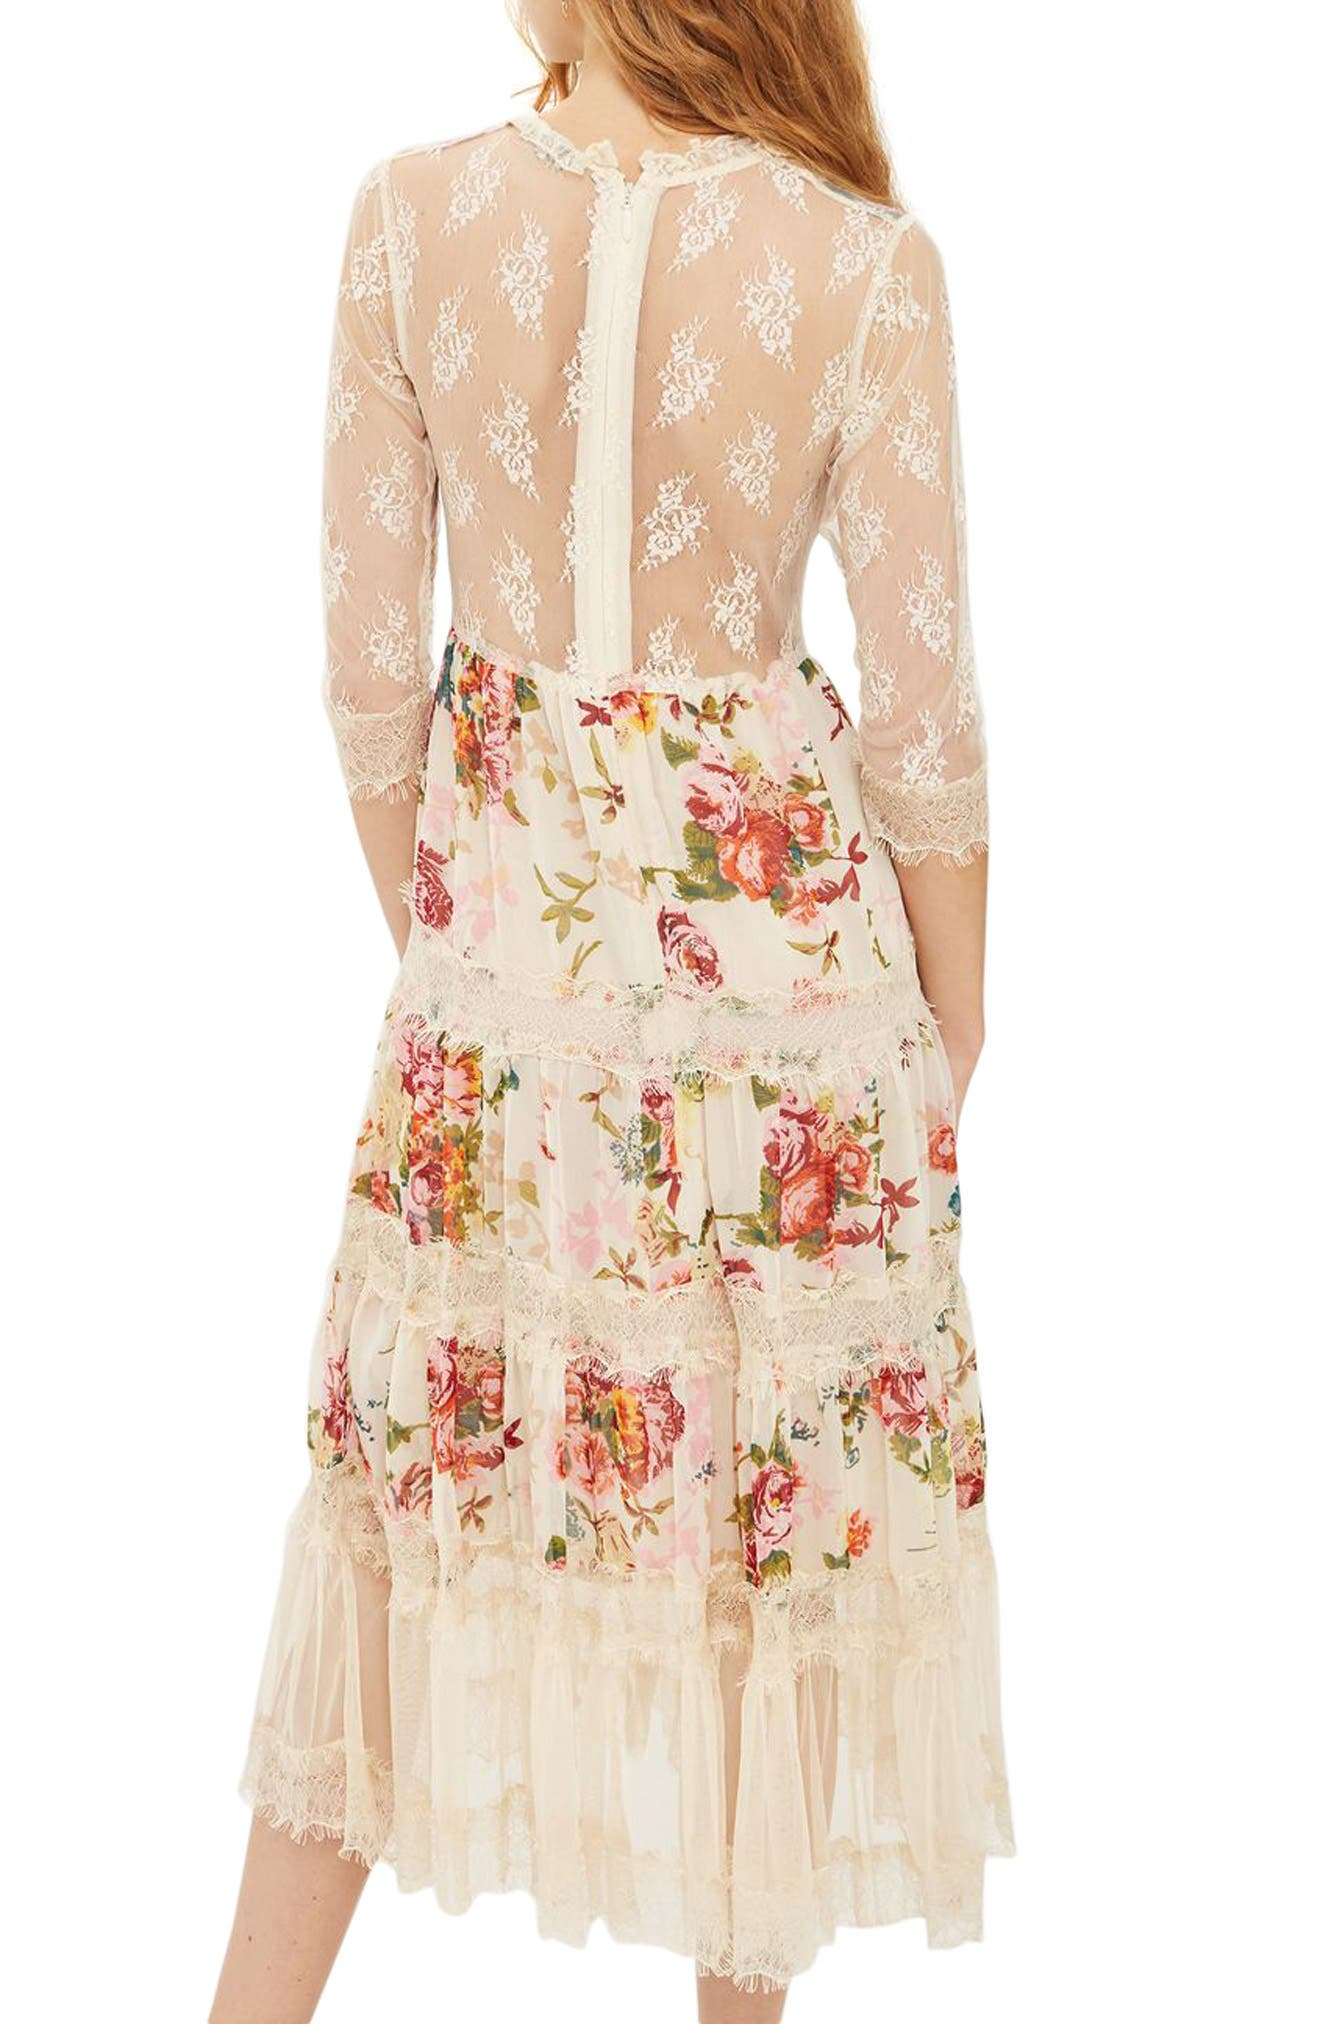 Lace Tier Floral Midi Dress,                             Alternate thumbnail 2, color,                             900